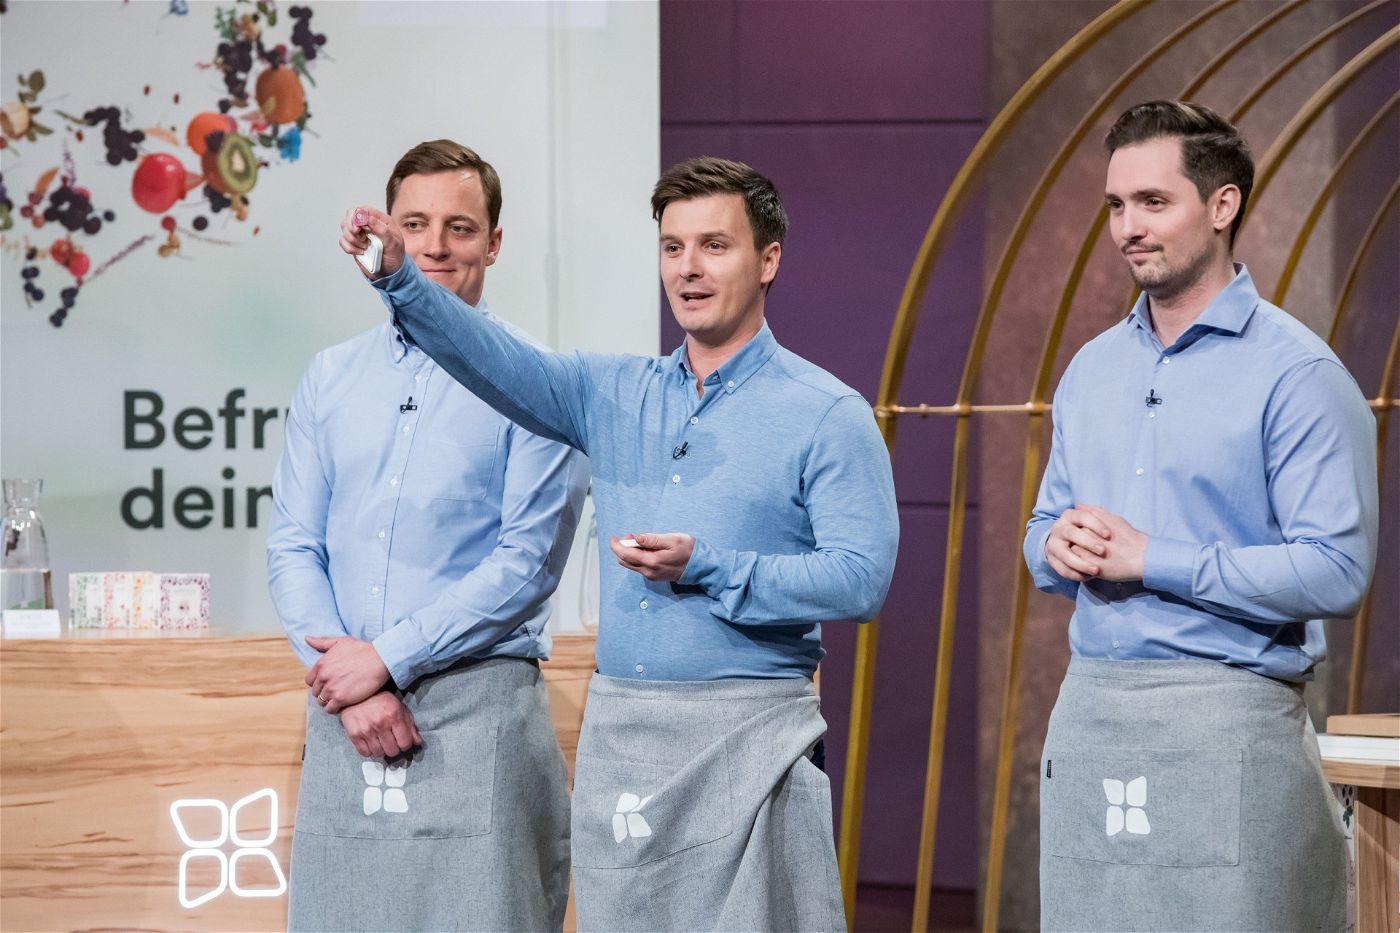 """<p><b>Die Gründer und ihr Produkt</b>: Christoph Hermann (34), Martin Donald Murray (33) und Henry Wieser (28) aus Österreich stellen ihre zuckerfreien Brausewürfel """"waterdrop"""" vor, die Geschmack ins Wasser bringen sollen.<p><b>Der Wunsch</b>: 1 Million Euro für einen Firmenanteil von zehn Prozent.</p> <p><b>Der Deal</b>: Dagmar Wöhrl und Ralf Dümmel bieten gemeinsam 1 Million für 12,5 Prozent Firmenanteile, zudem werden sie am Umsatz beteiligt. Der Deal mit Dümmel platzt nach der Show.</p>"""